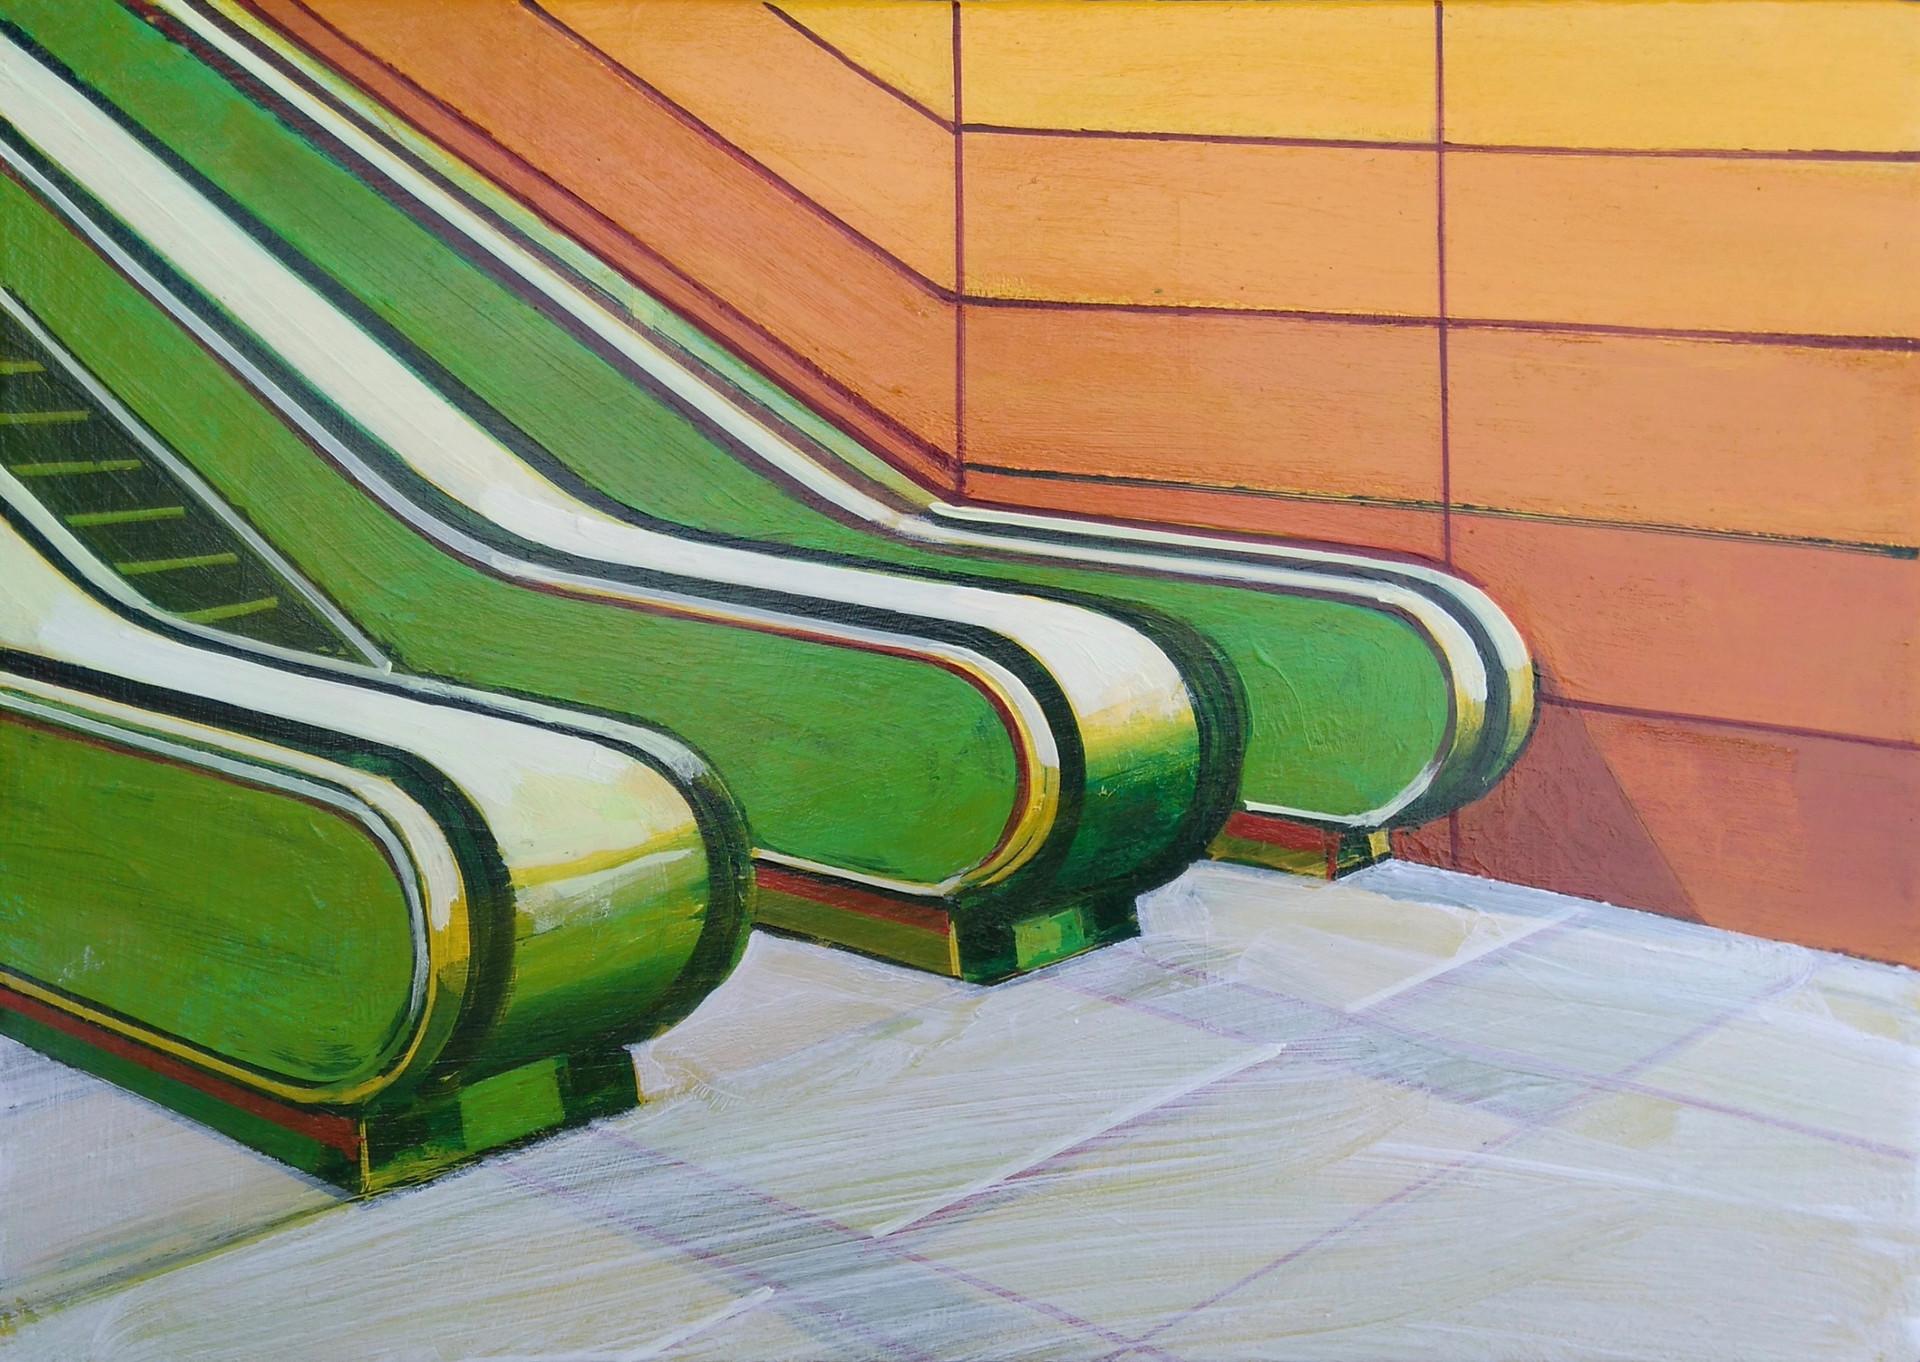 'Green Escalators' 38x30cm